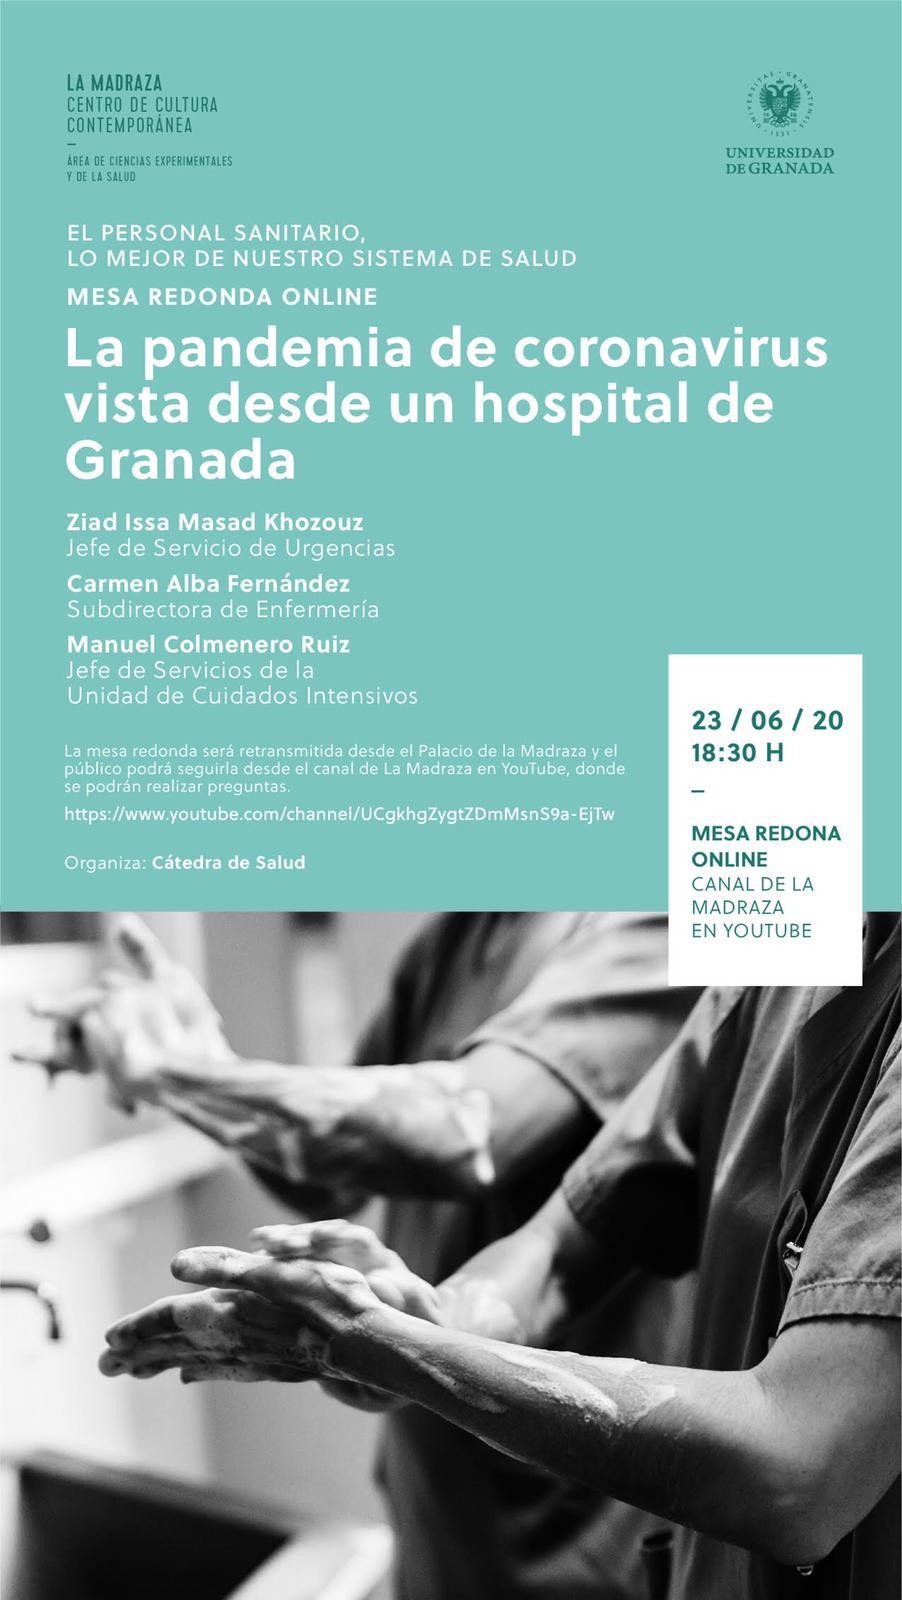 La Universidad de Granada rinde homenaje al excepcional trabajo del personal sanitario durante la pandemia